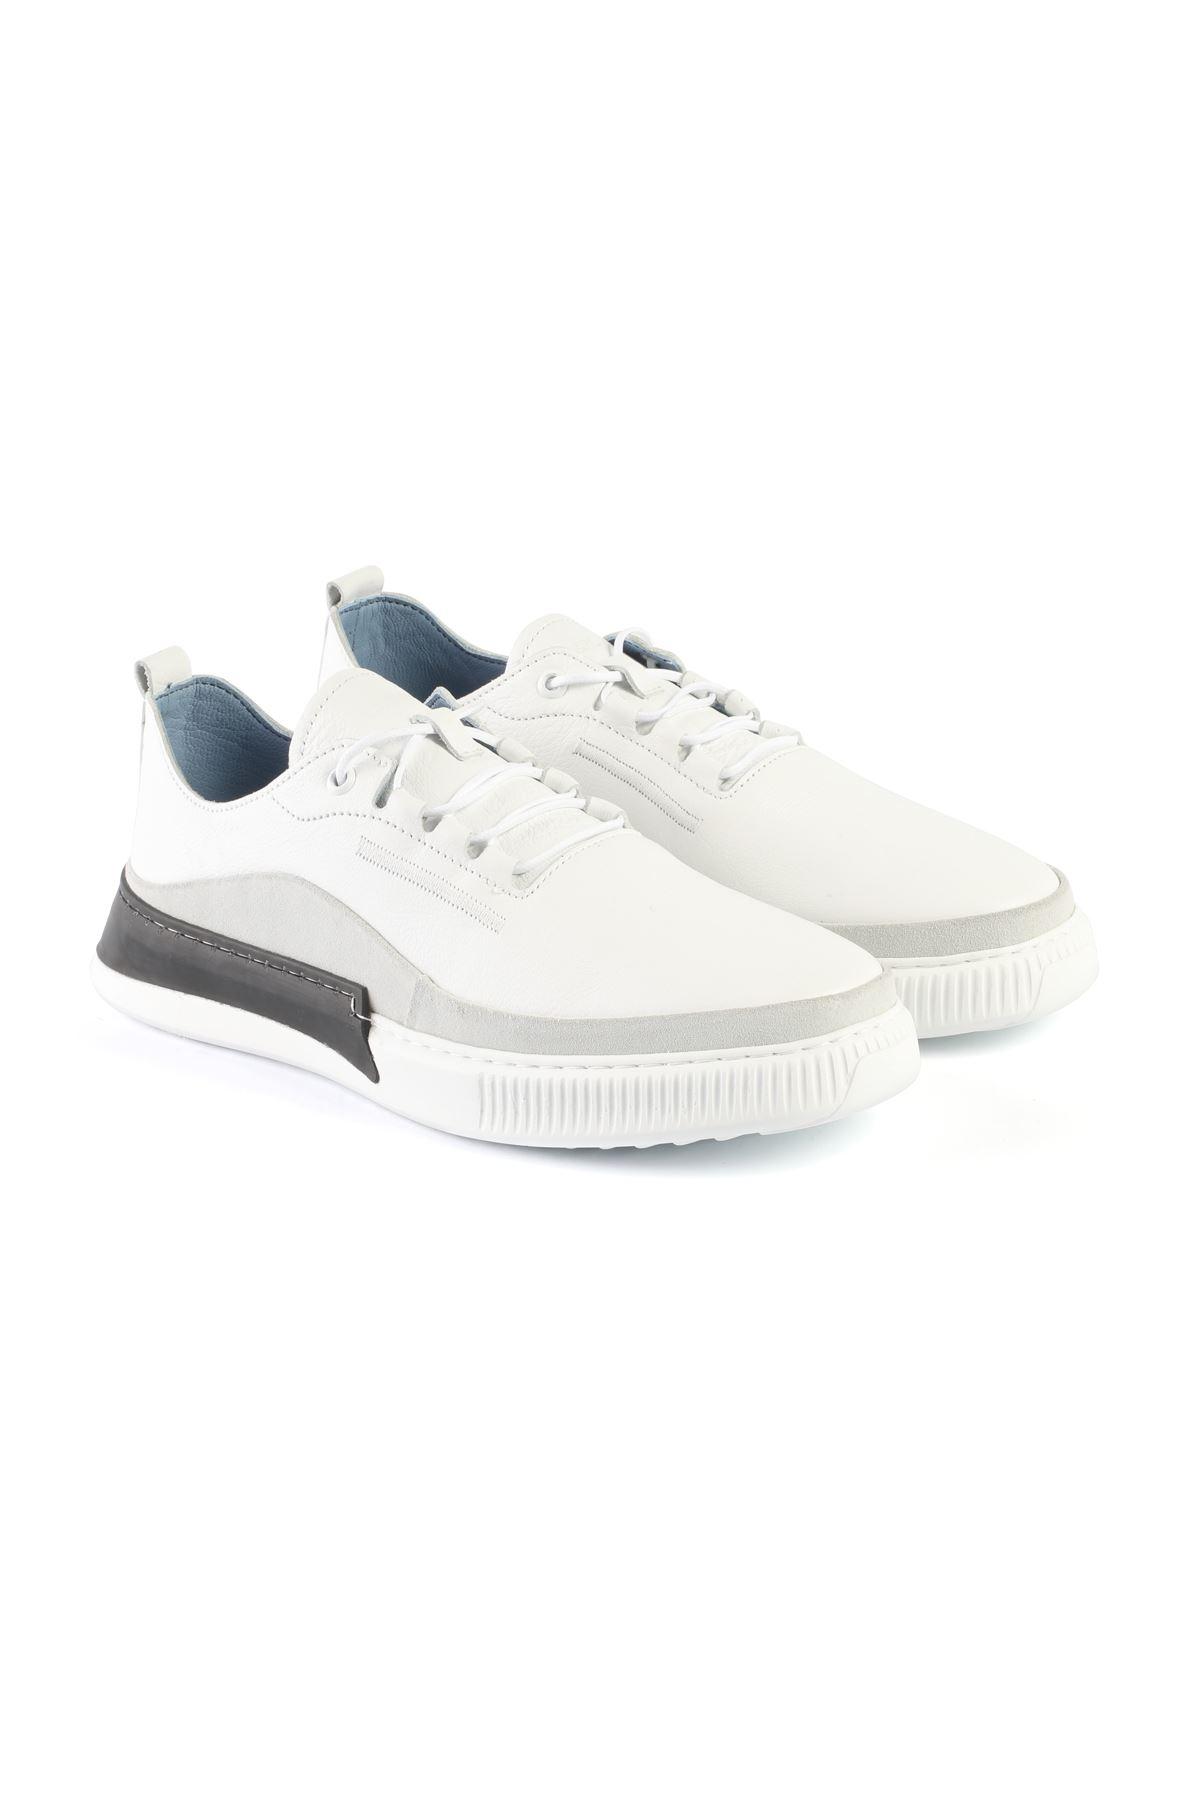 Libero L3400 White Sneaker Shoes